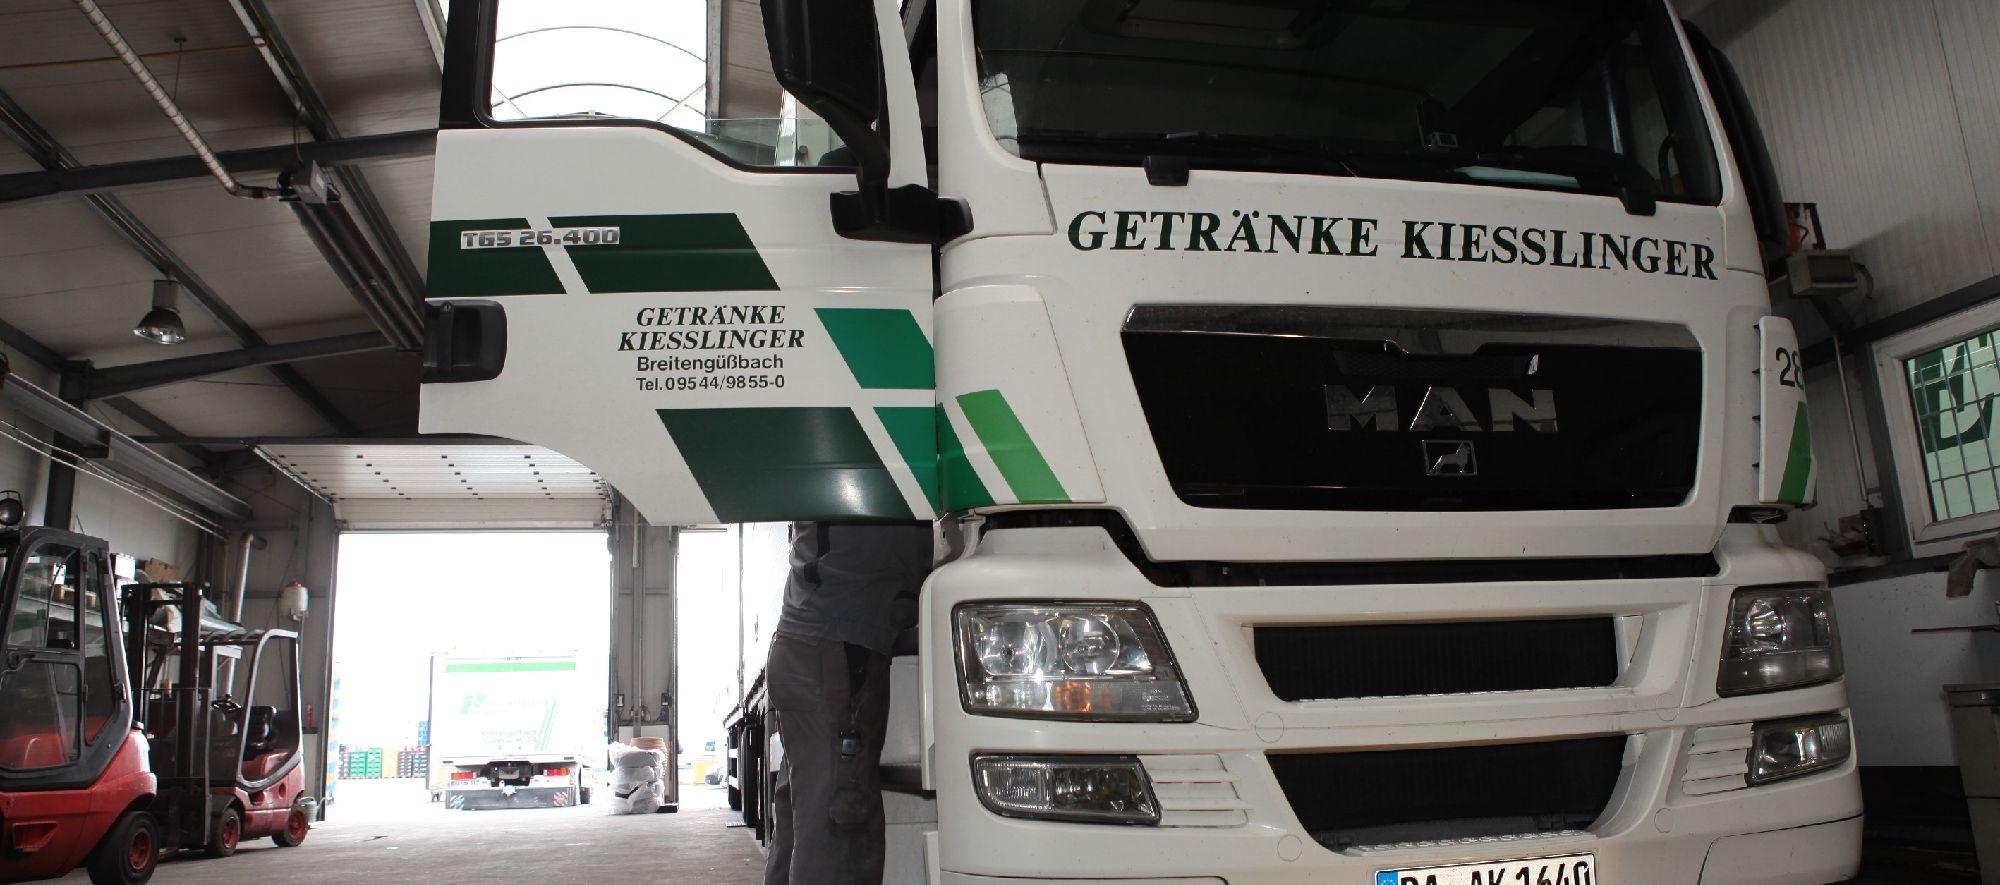 Startseite | KFZ Kiesslinger: Pkw- und Lkw-Werkstatt Breitengüßbach